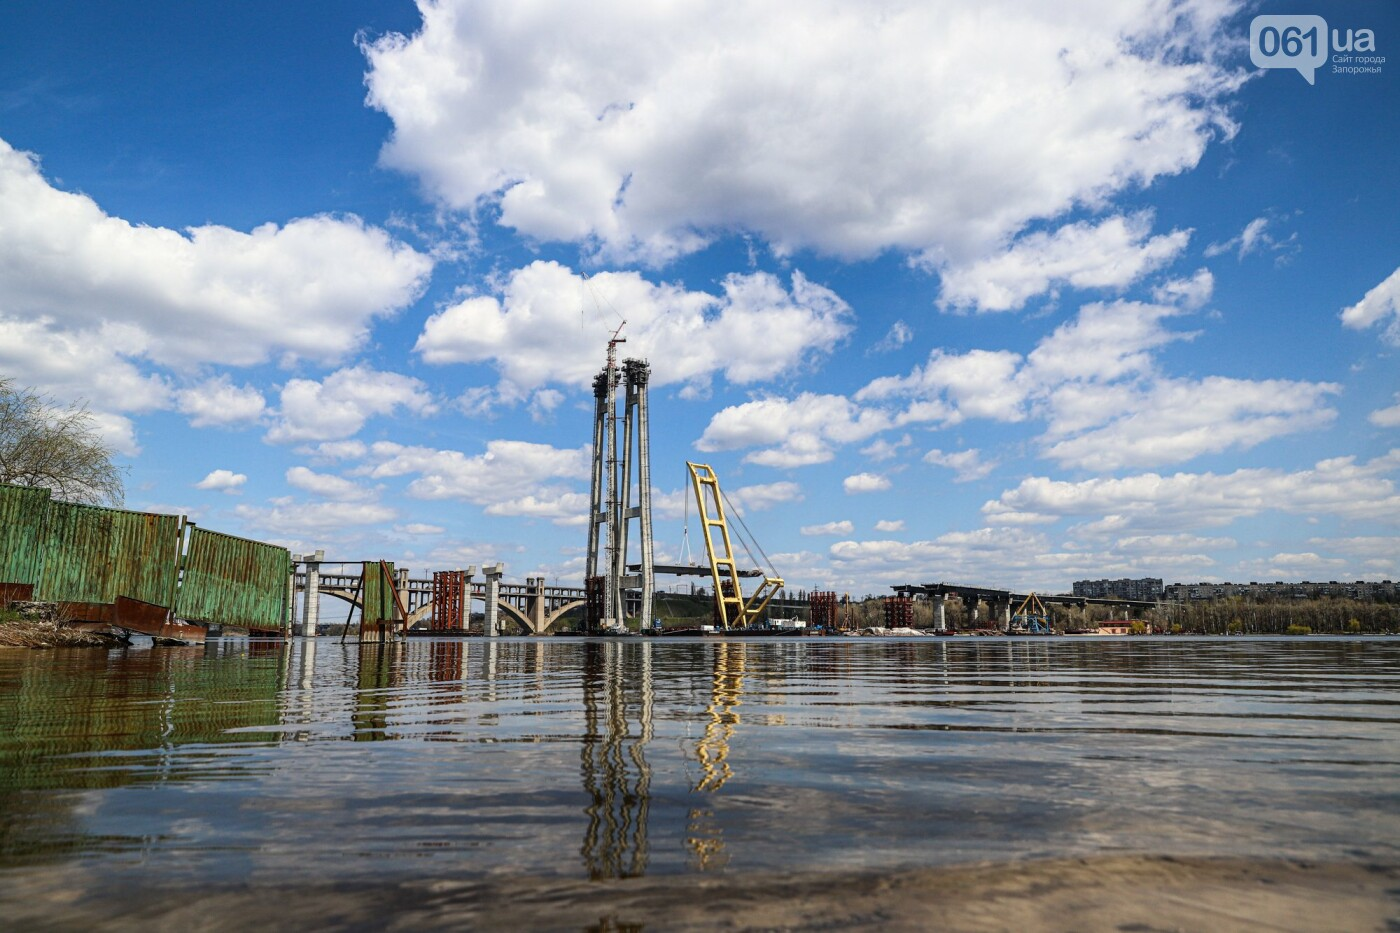 В Запорожье монтируют первый блок вантового моста, - ФОТОРЕПОРТАЖ, фото-2